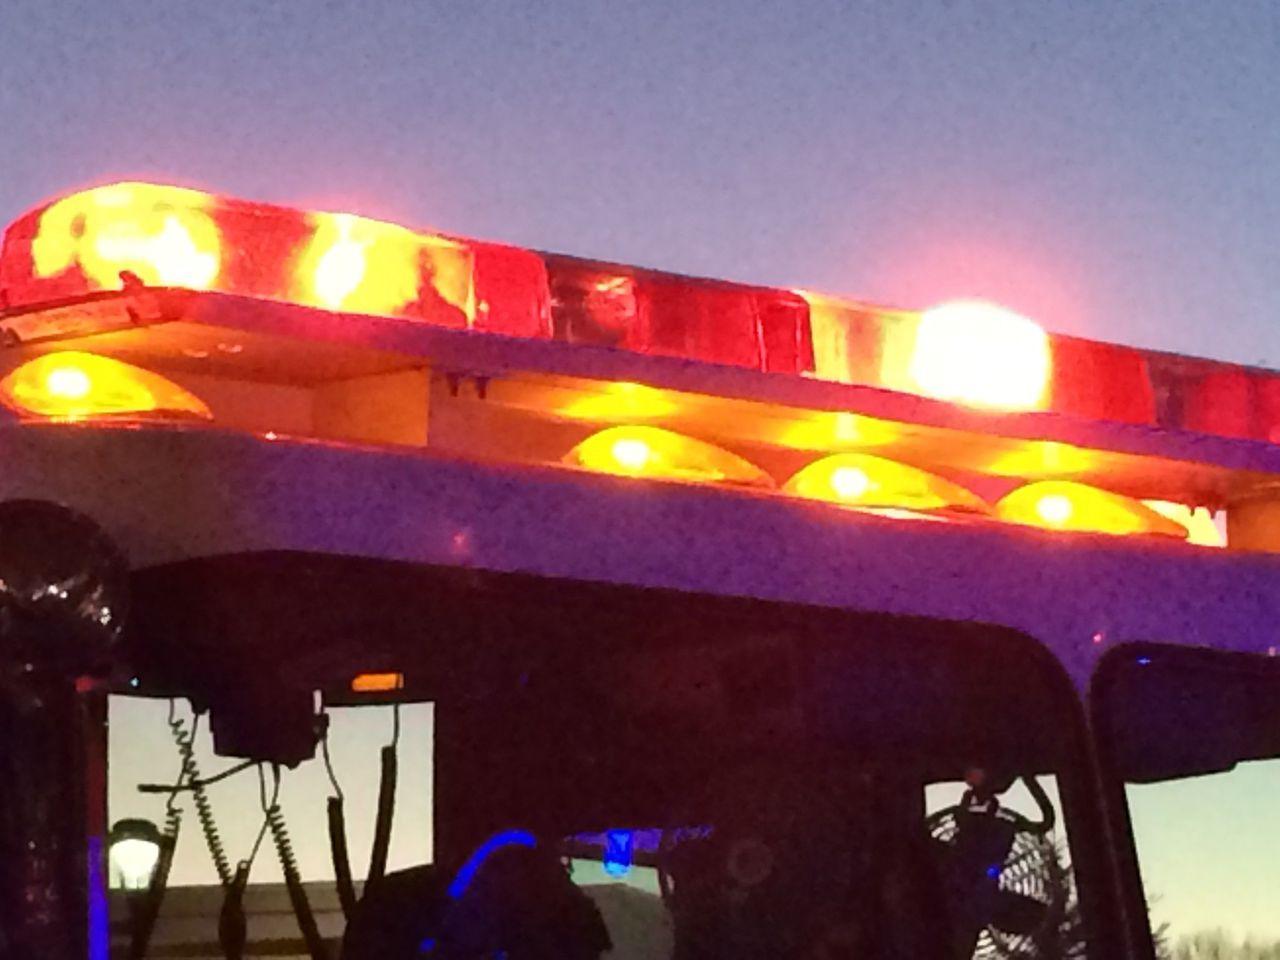 اشتعال النيران في ملجأ مؤقت ومقتل شخص عمره 27 عاماً في بورتلاند !